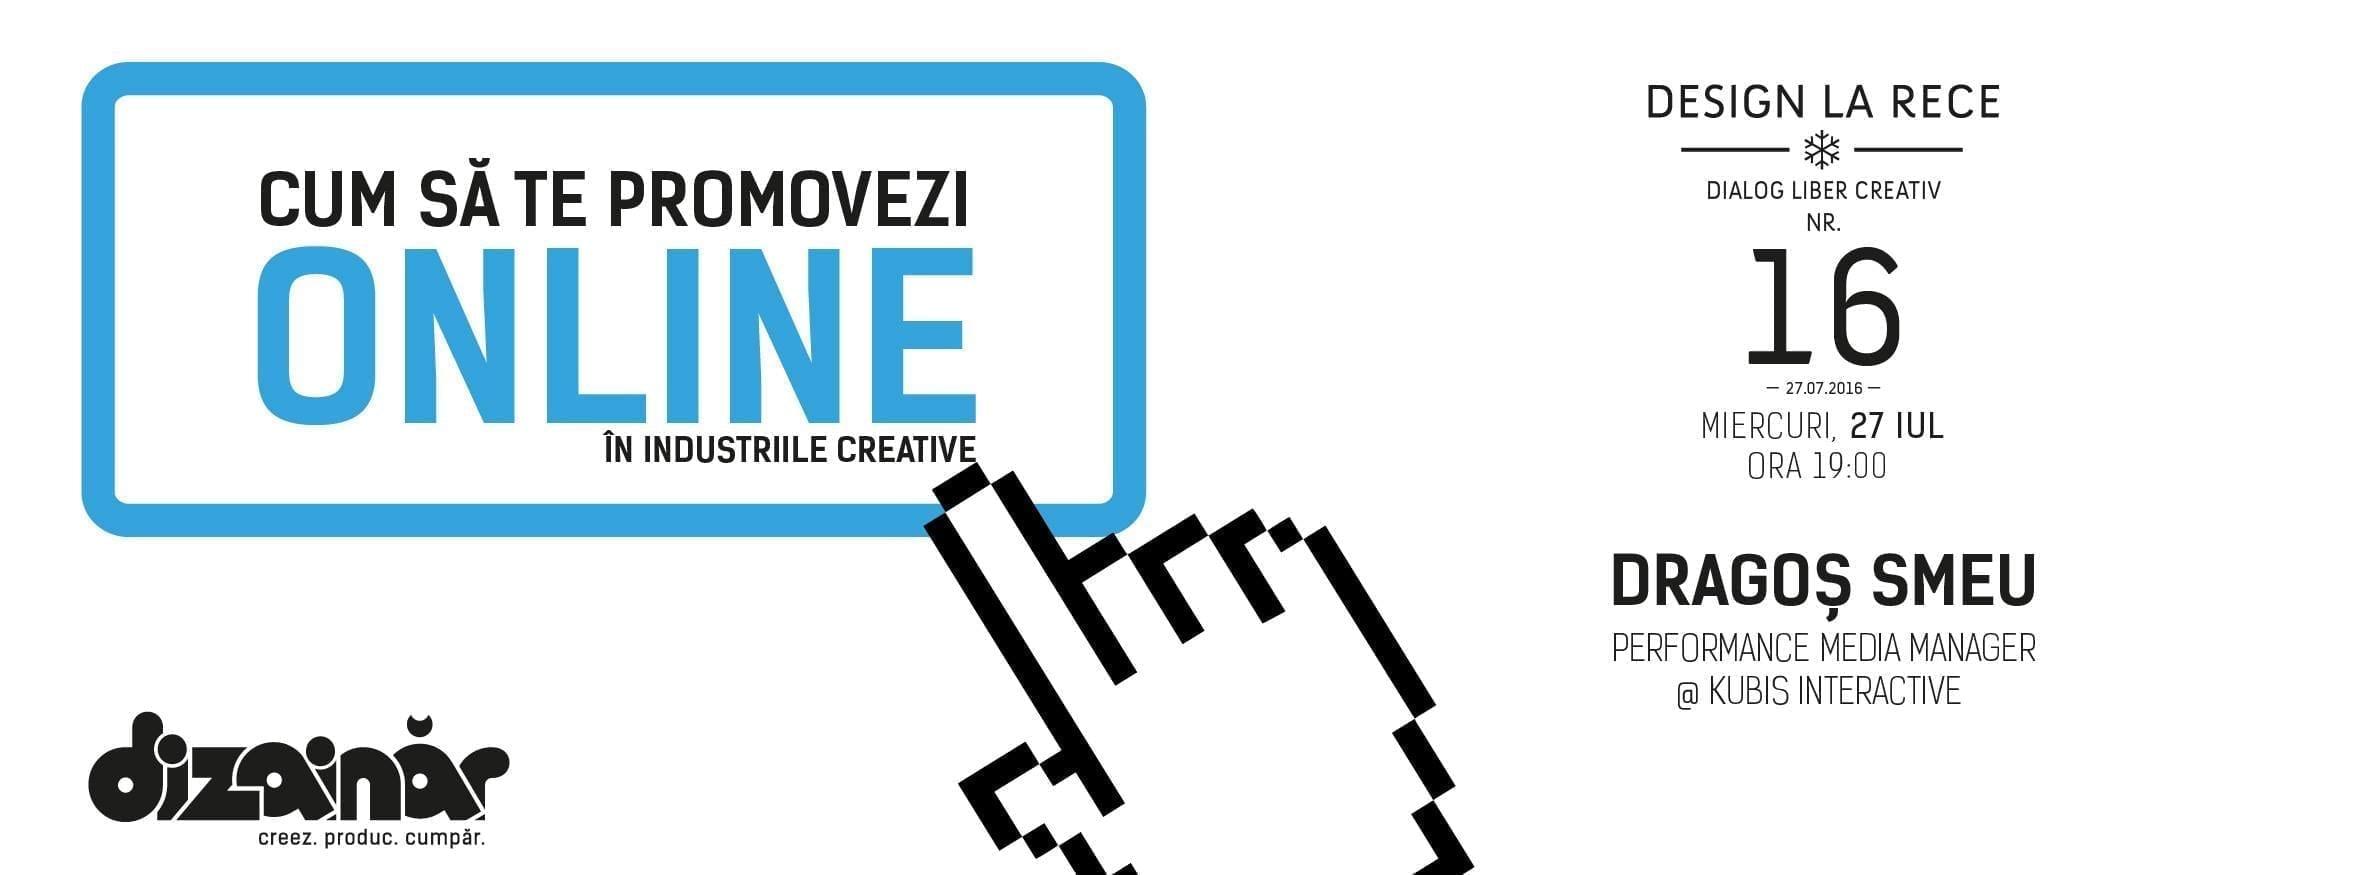 Design la rece #16 - Cum să te promovezi online